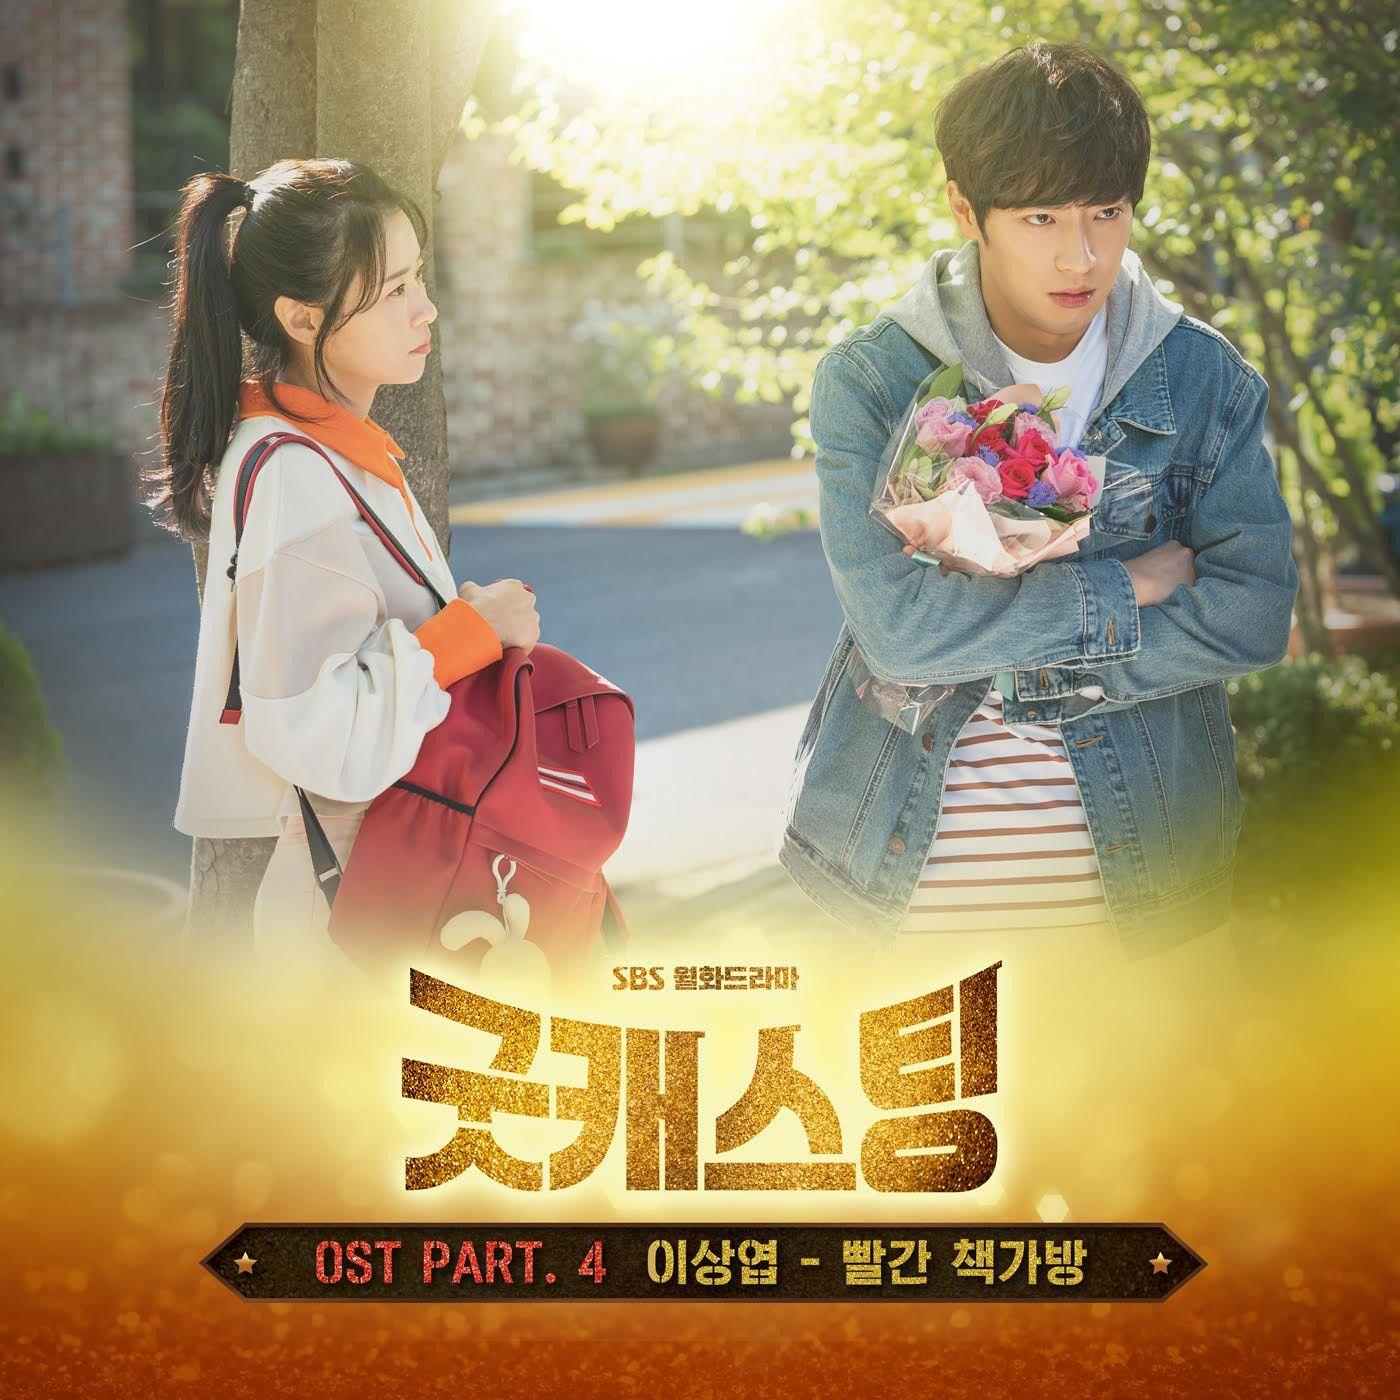 '굿캐스팅' 이상엽, 직접 부른 OST '빨간책가방' 오늘(25일) 발매